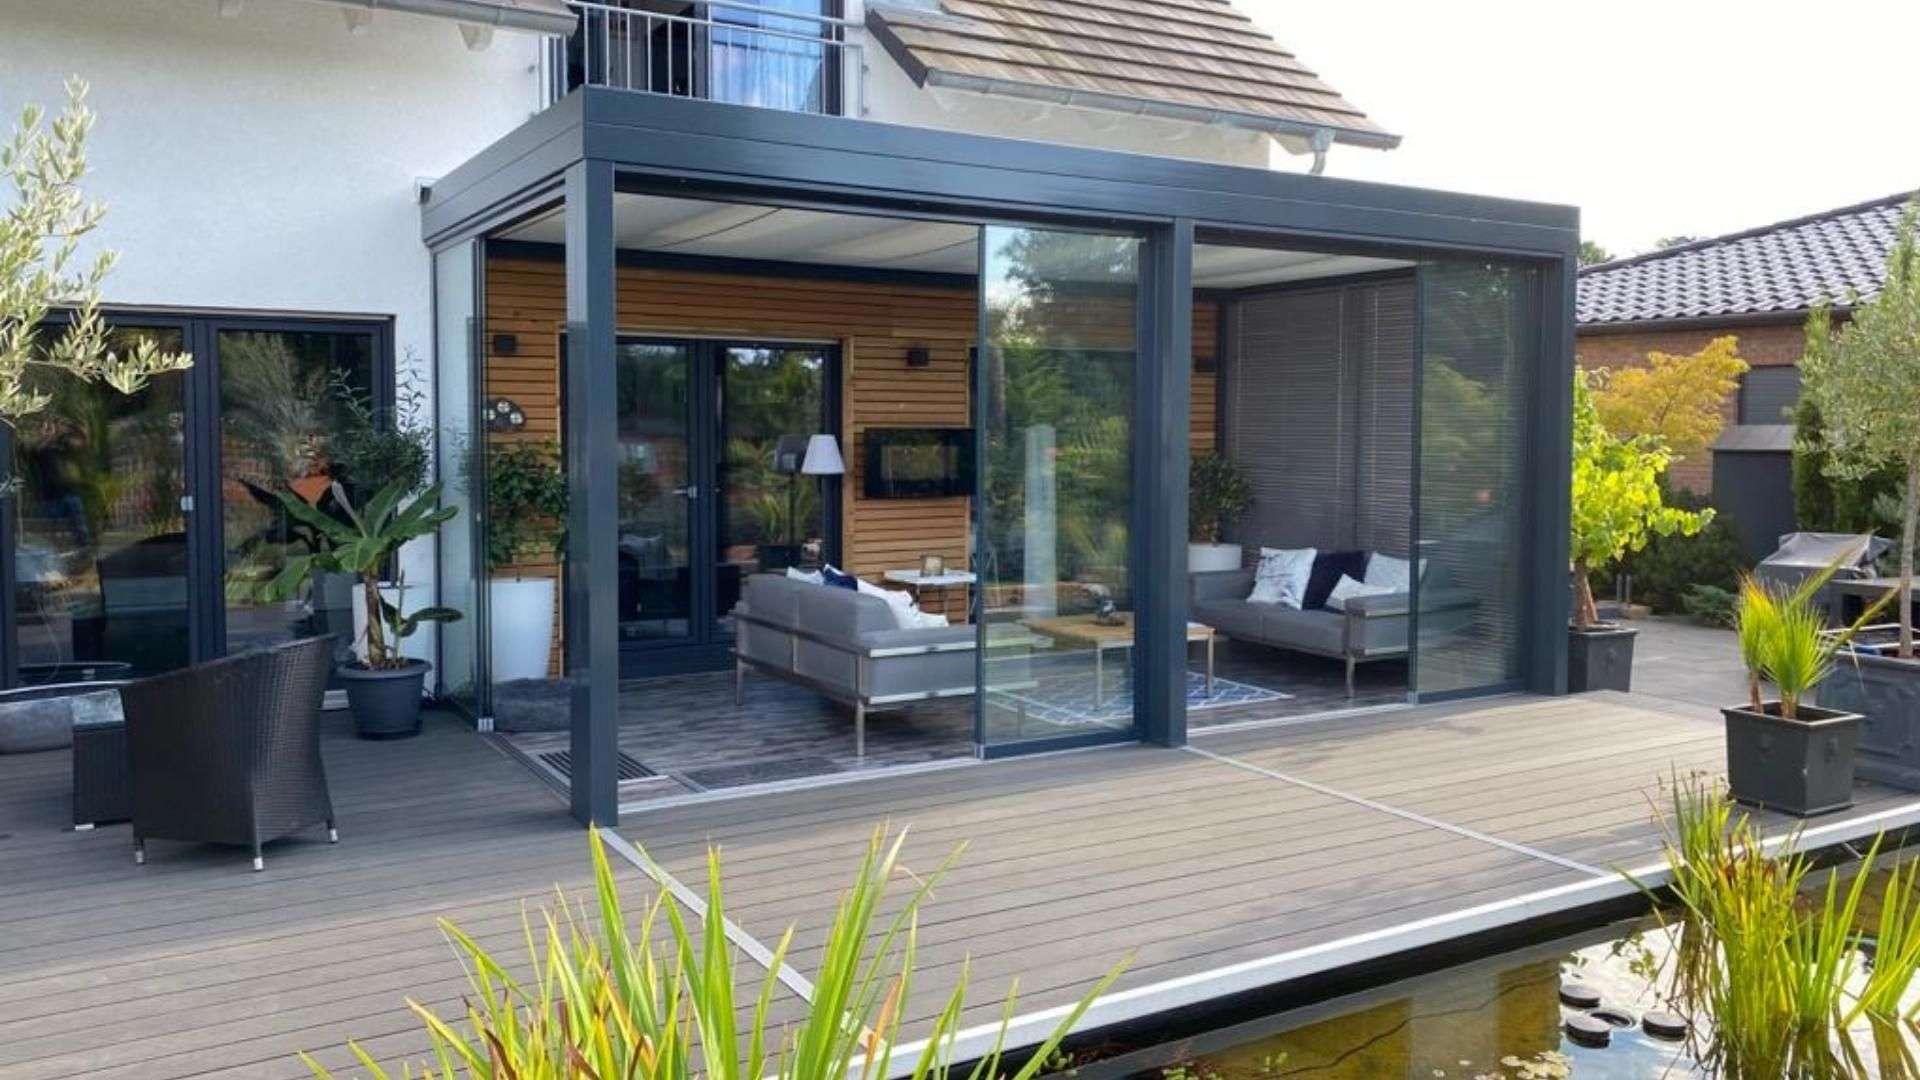 modernes Glashaus auf der Terrasse eines Einfamilienhauses